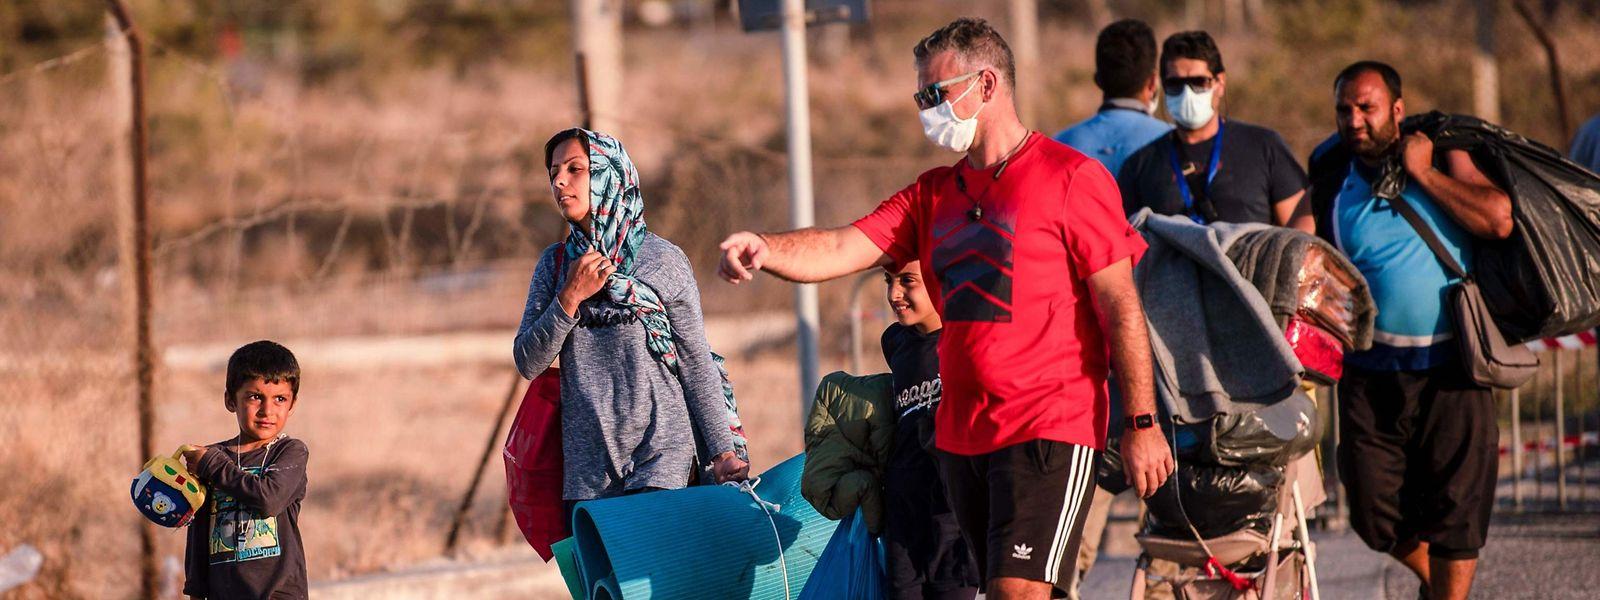 Mehr als 12.000 Geflüchtete sind nach dem Brand des Camps Moria auf Lesbos obdachlos geworden.